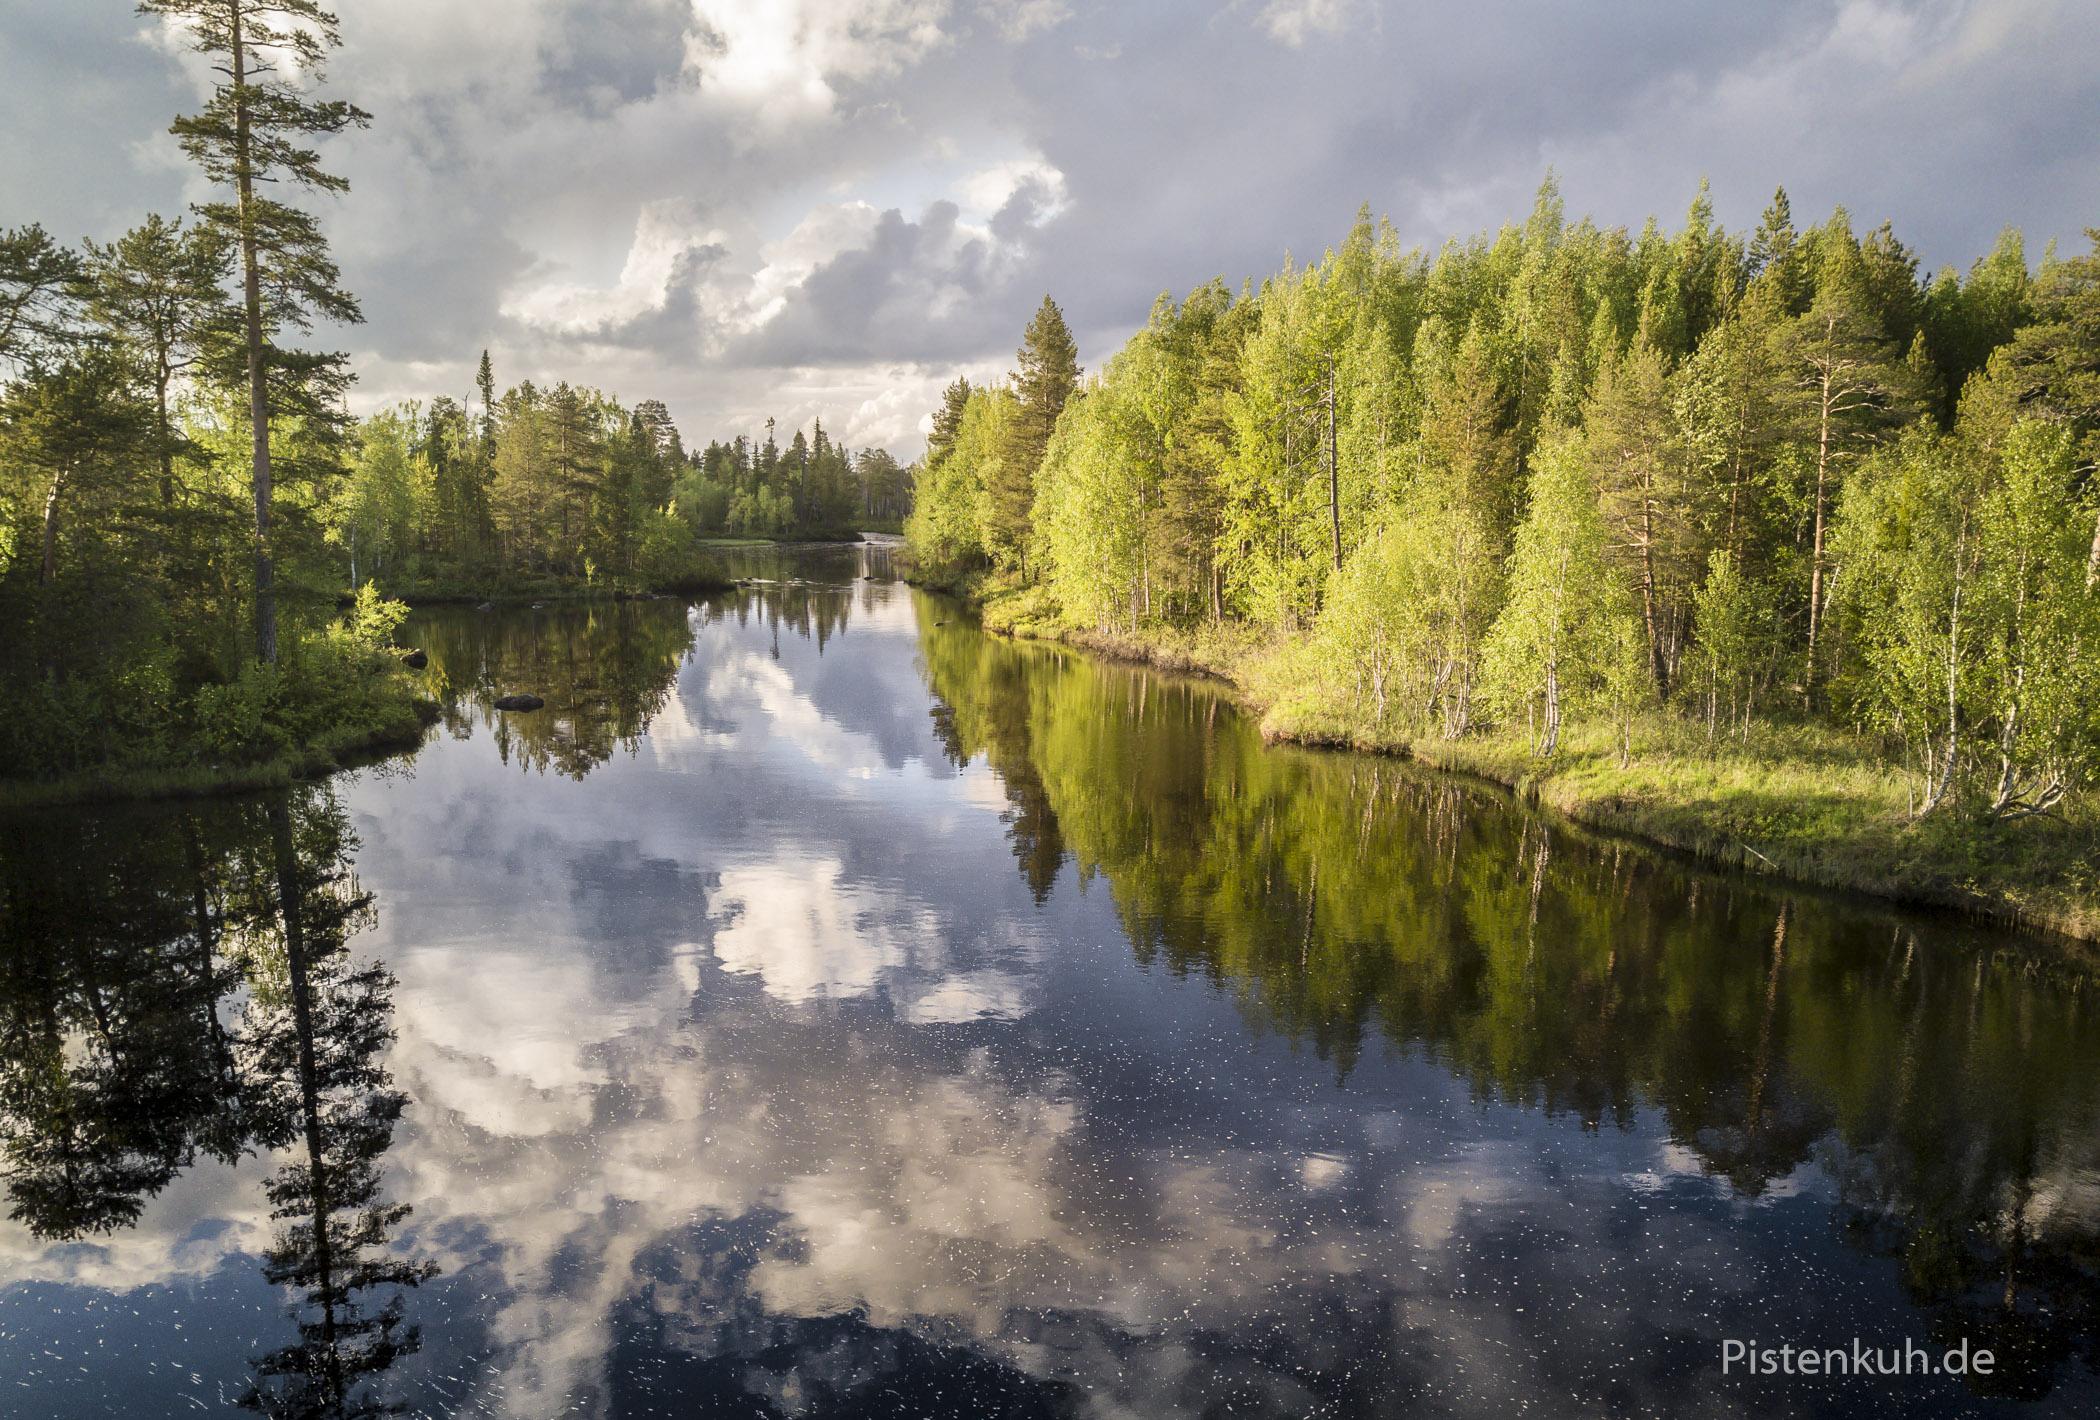 Wolkenspiegelungen im Wasser